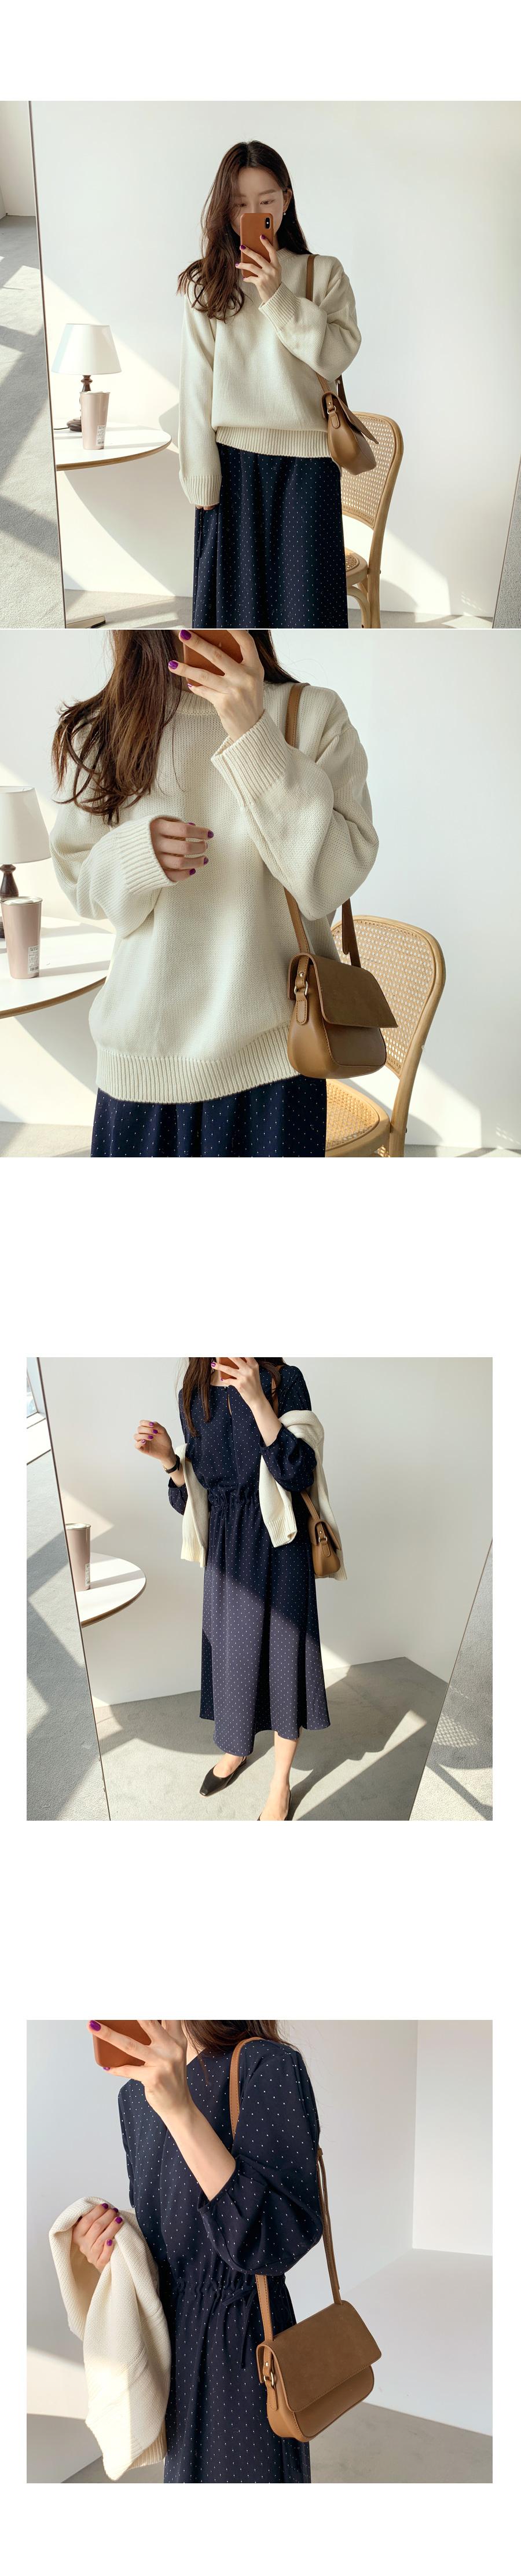 Boxy round knit